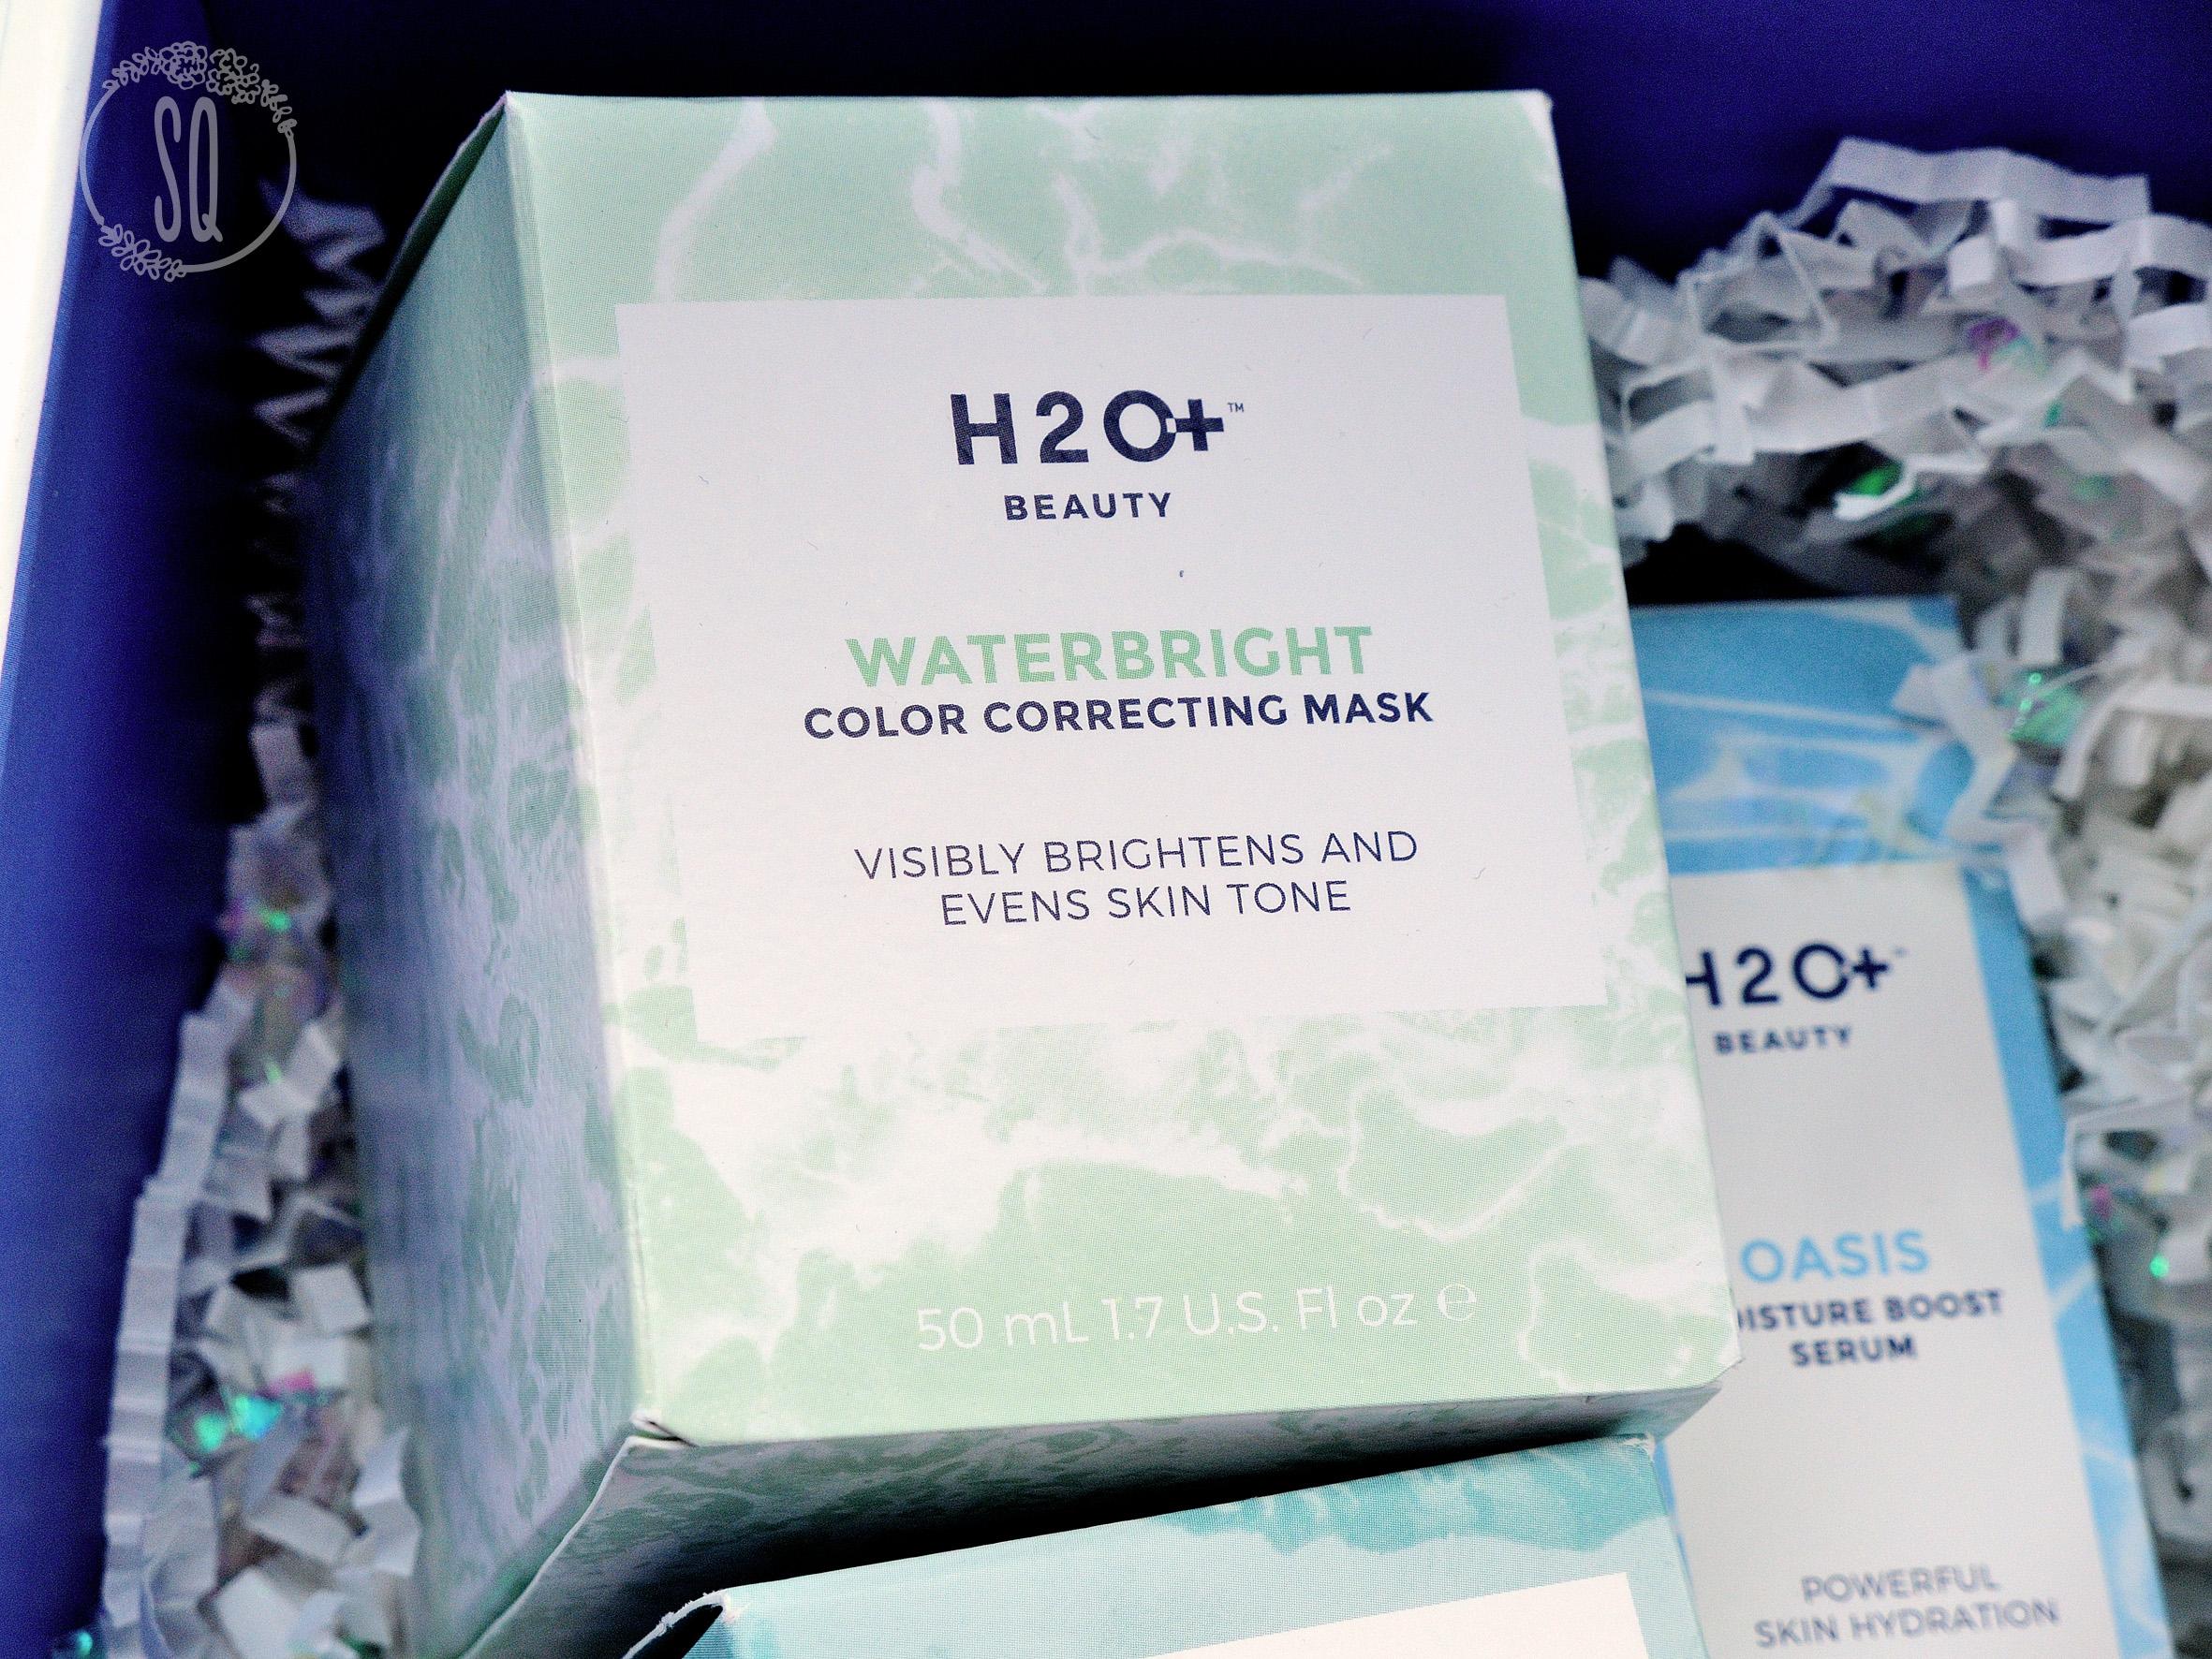 H2o+ hidratación intensa